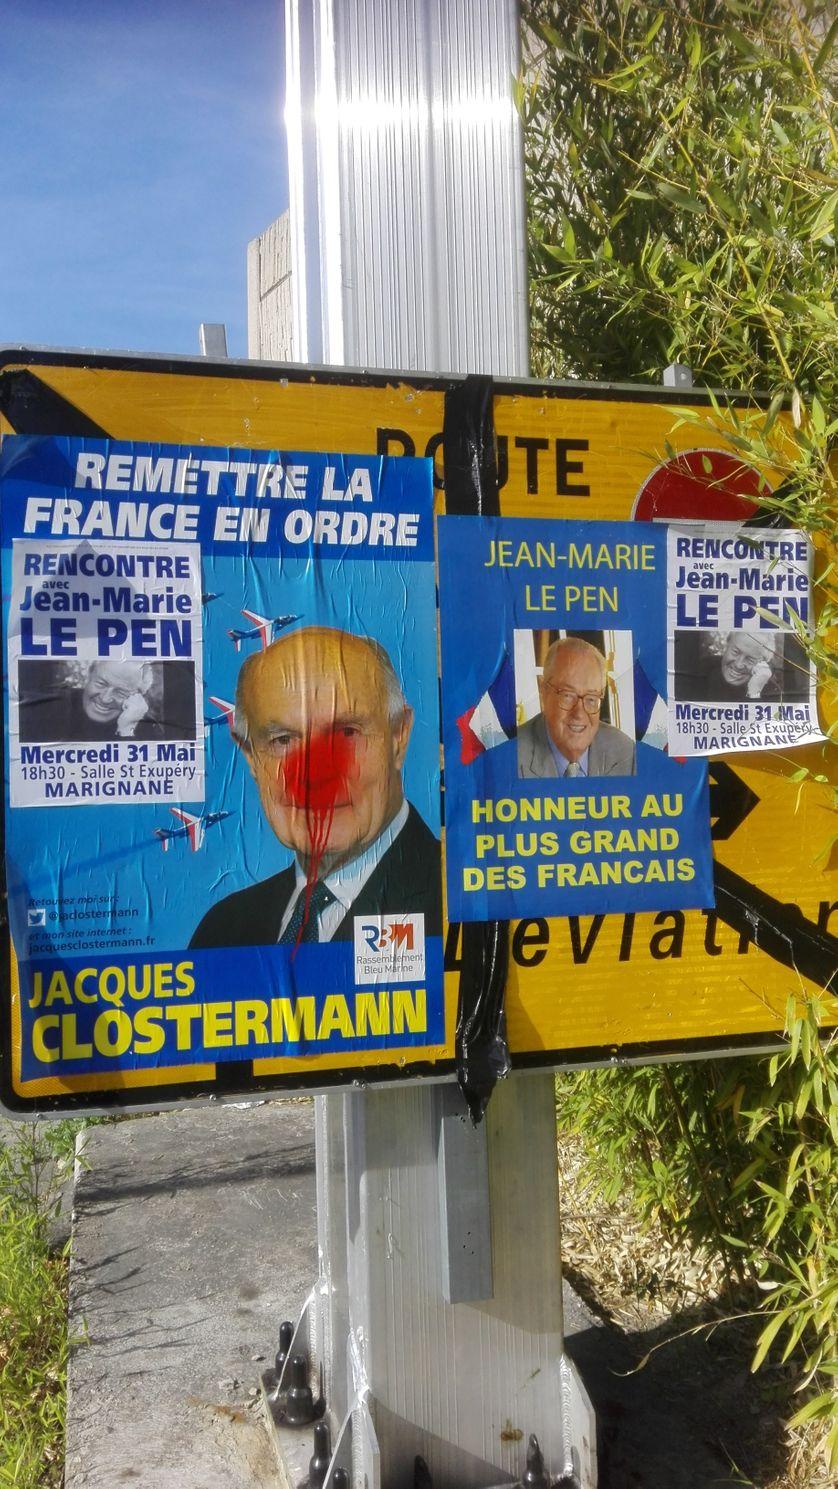 Affiches du candidat Jacques Clostermann, annonçant le meeting de soutien de Jean-Marie Le Pen